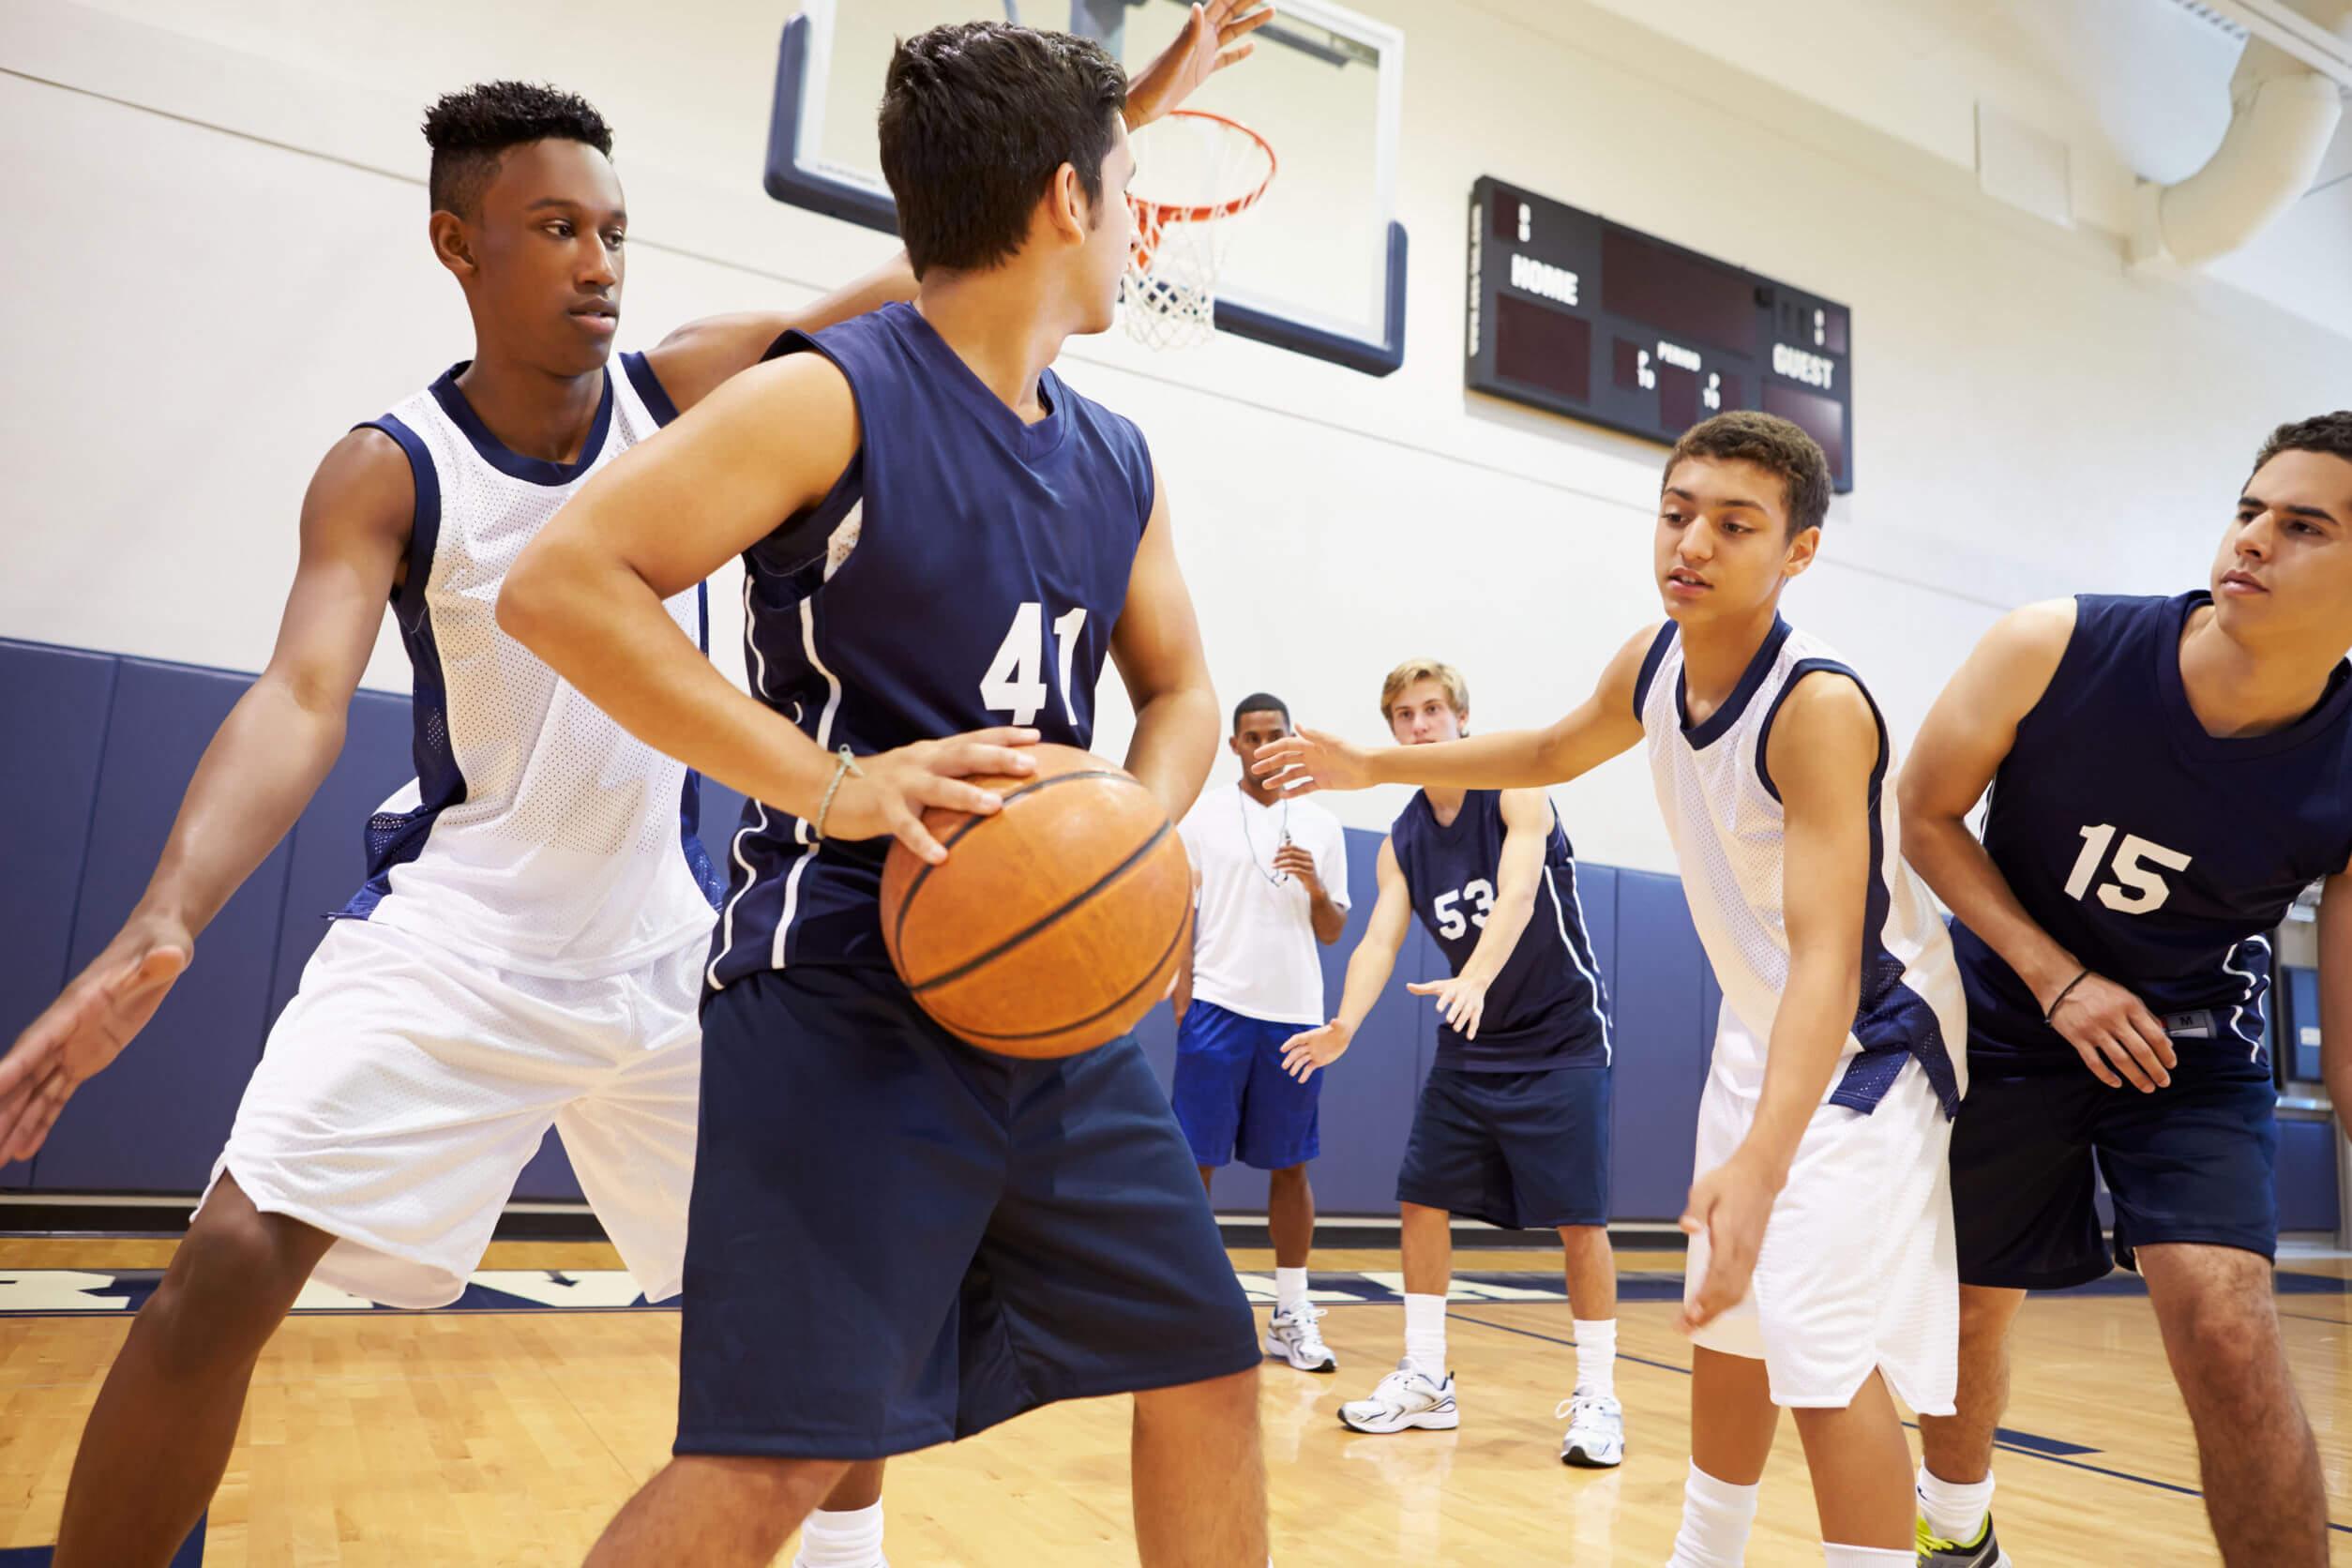 Adolescentes jugando en un equipo de baloncesto.